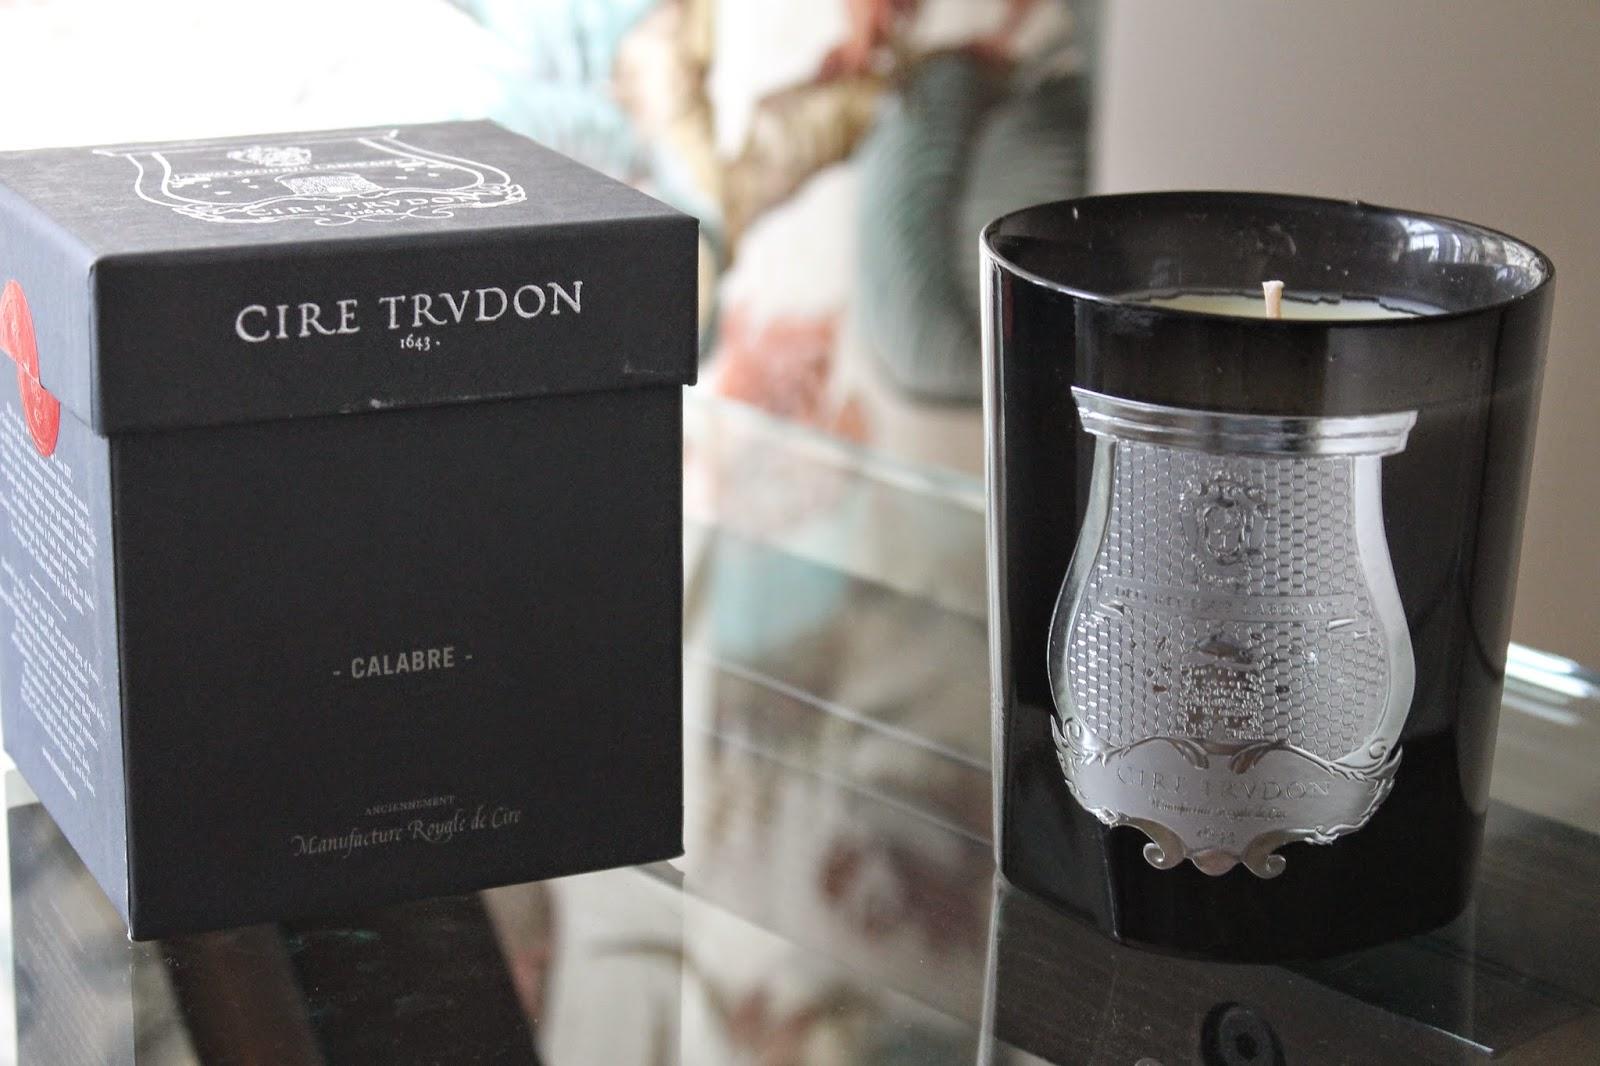 NEW CANDLE LOVE: CIRE TRUDON